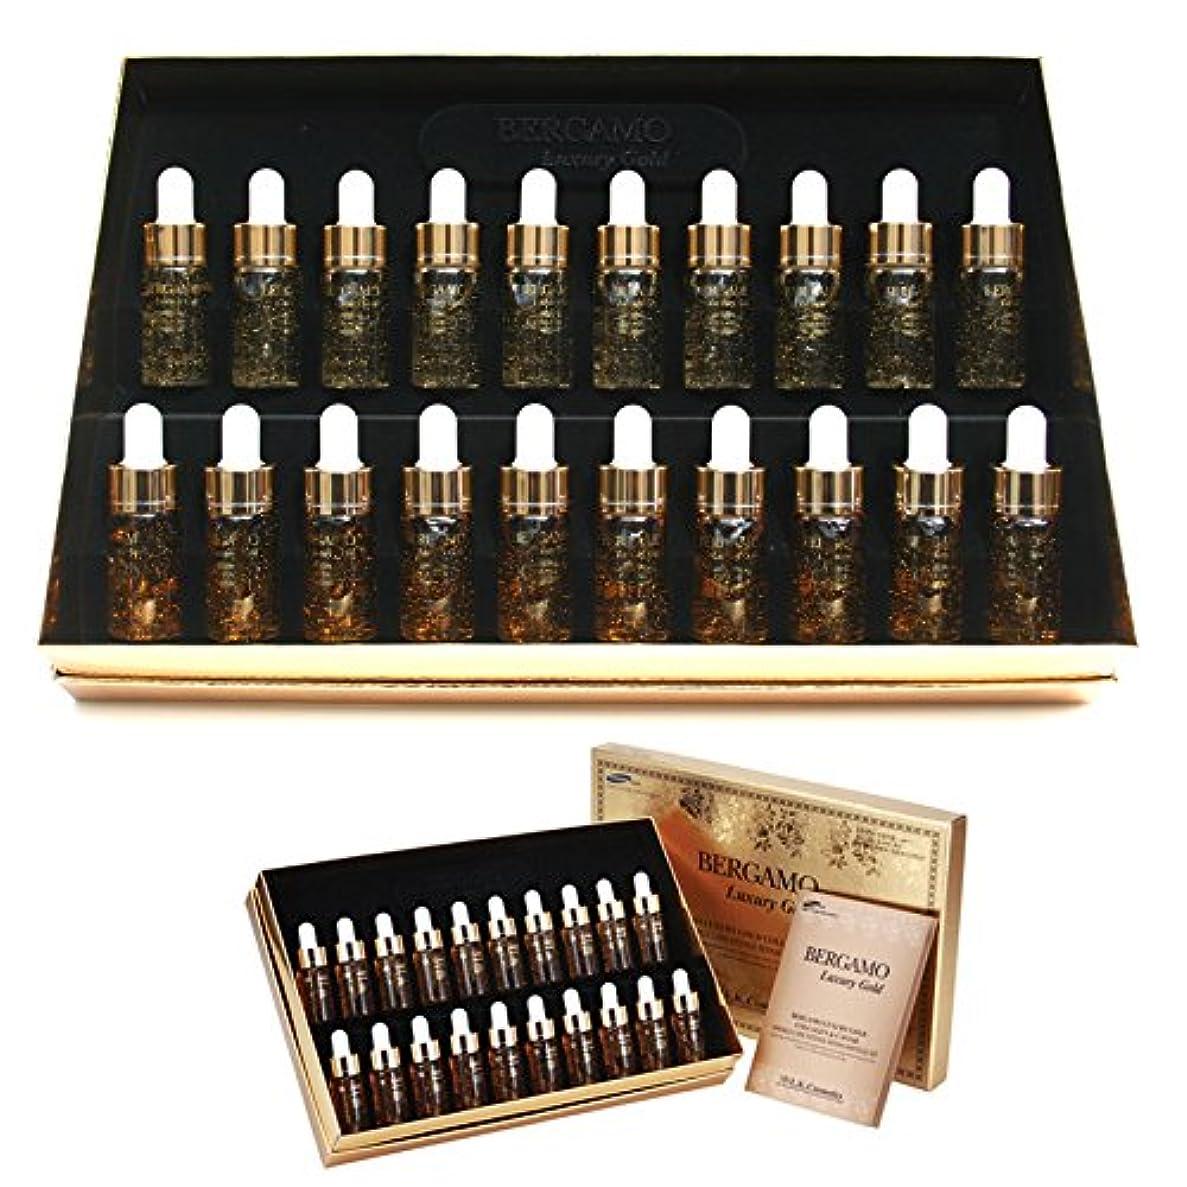 のど舗装言い聞かせる[ベルガモ] Bergamo/ラグジュアリーゴールドコラーゲン&キャビアリンクルケアアンプルセット13ml * 20ea/Luxury Gold Collagen & Caviar Wrinkle Care Repair...